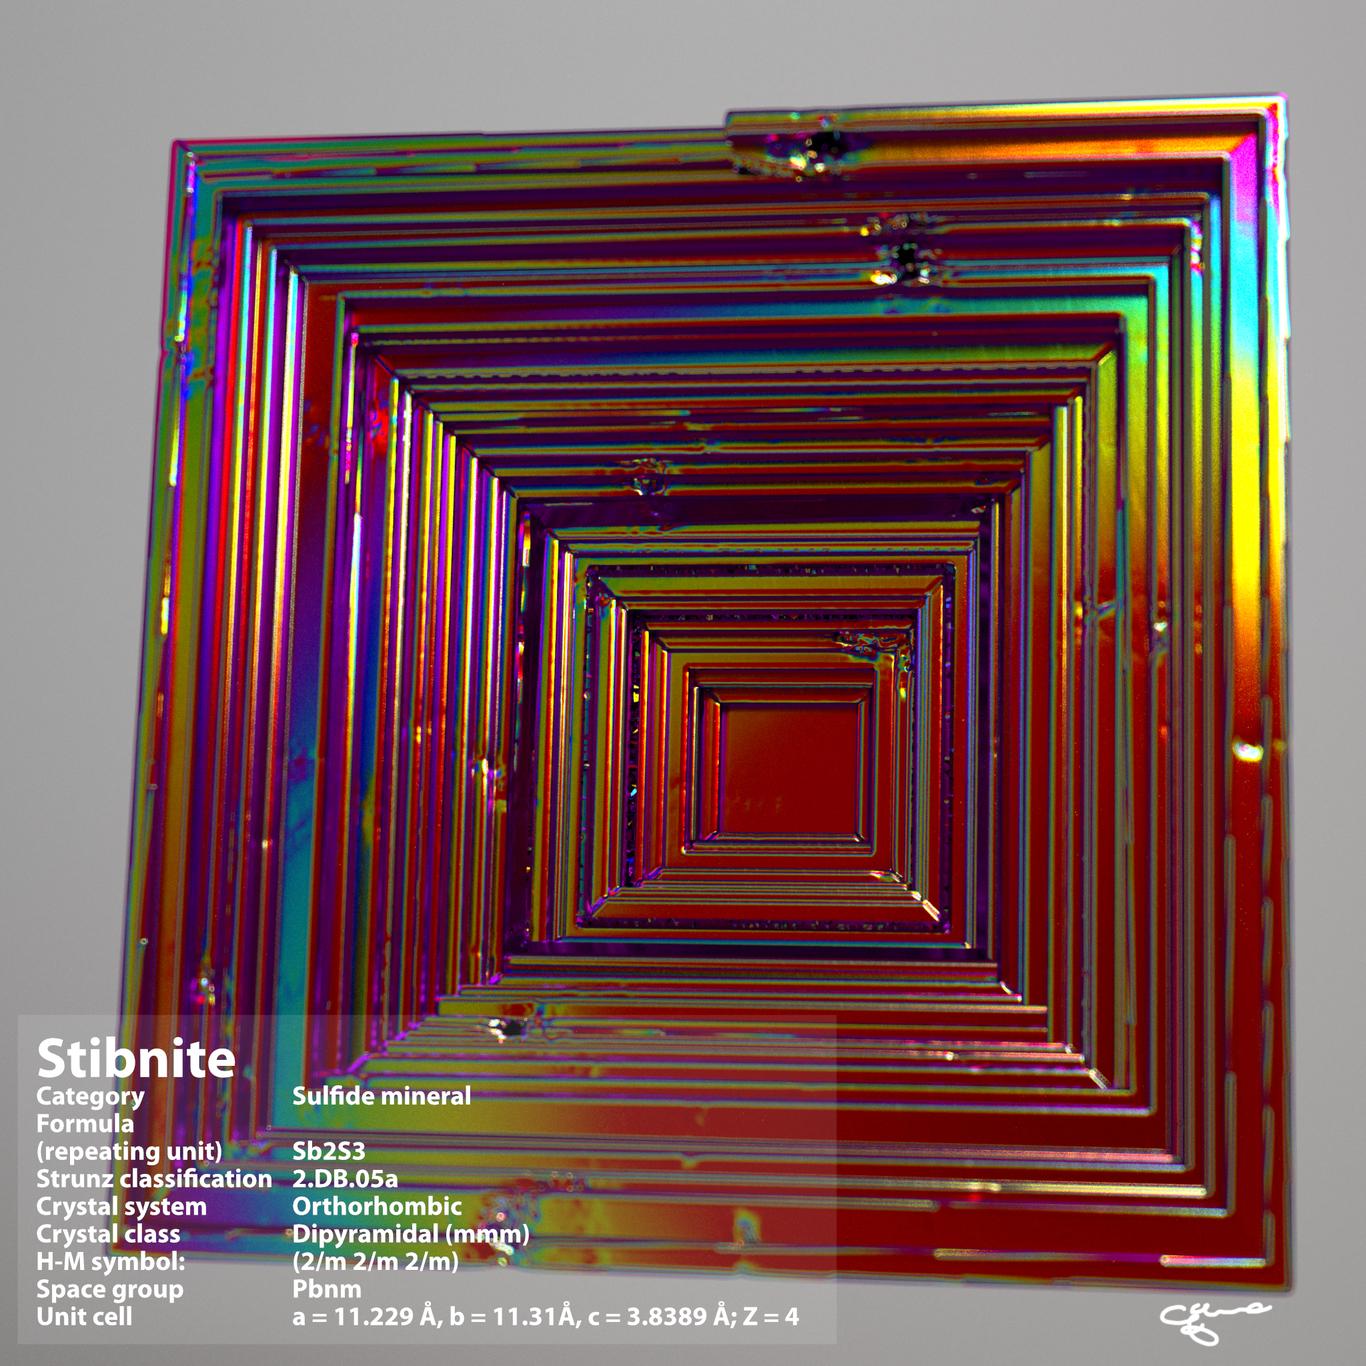 Jojo1975 minerals 1 6487877a tuwg